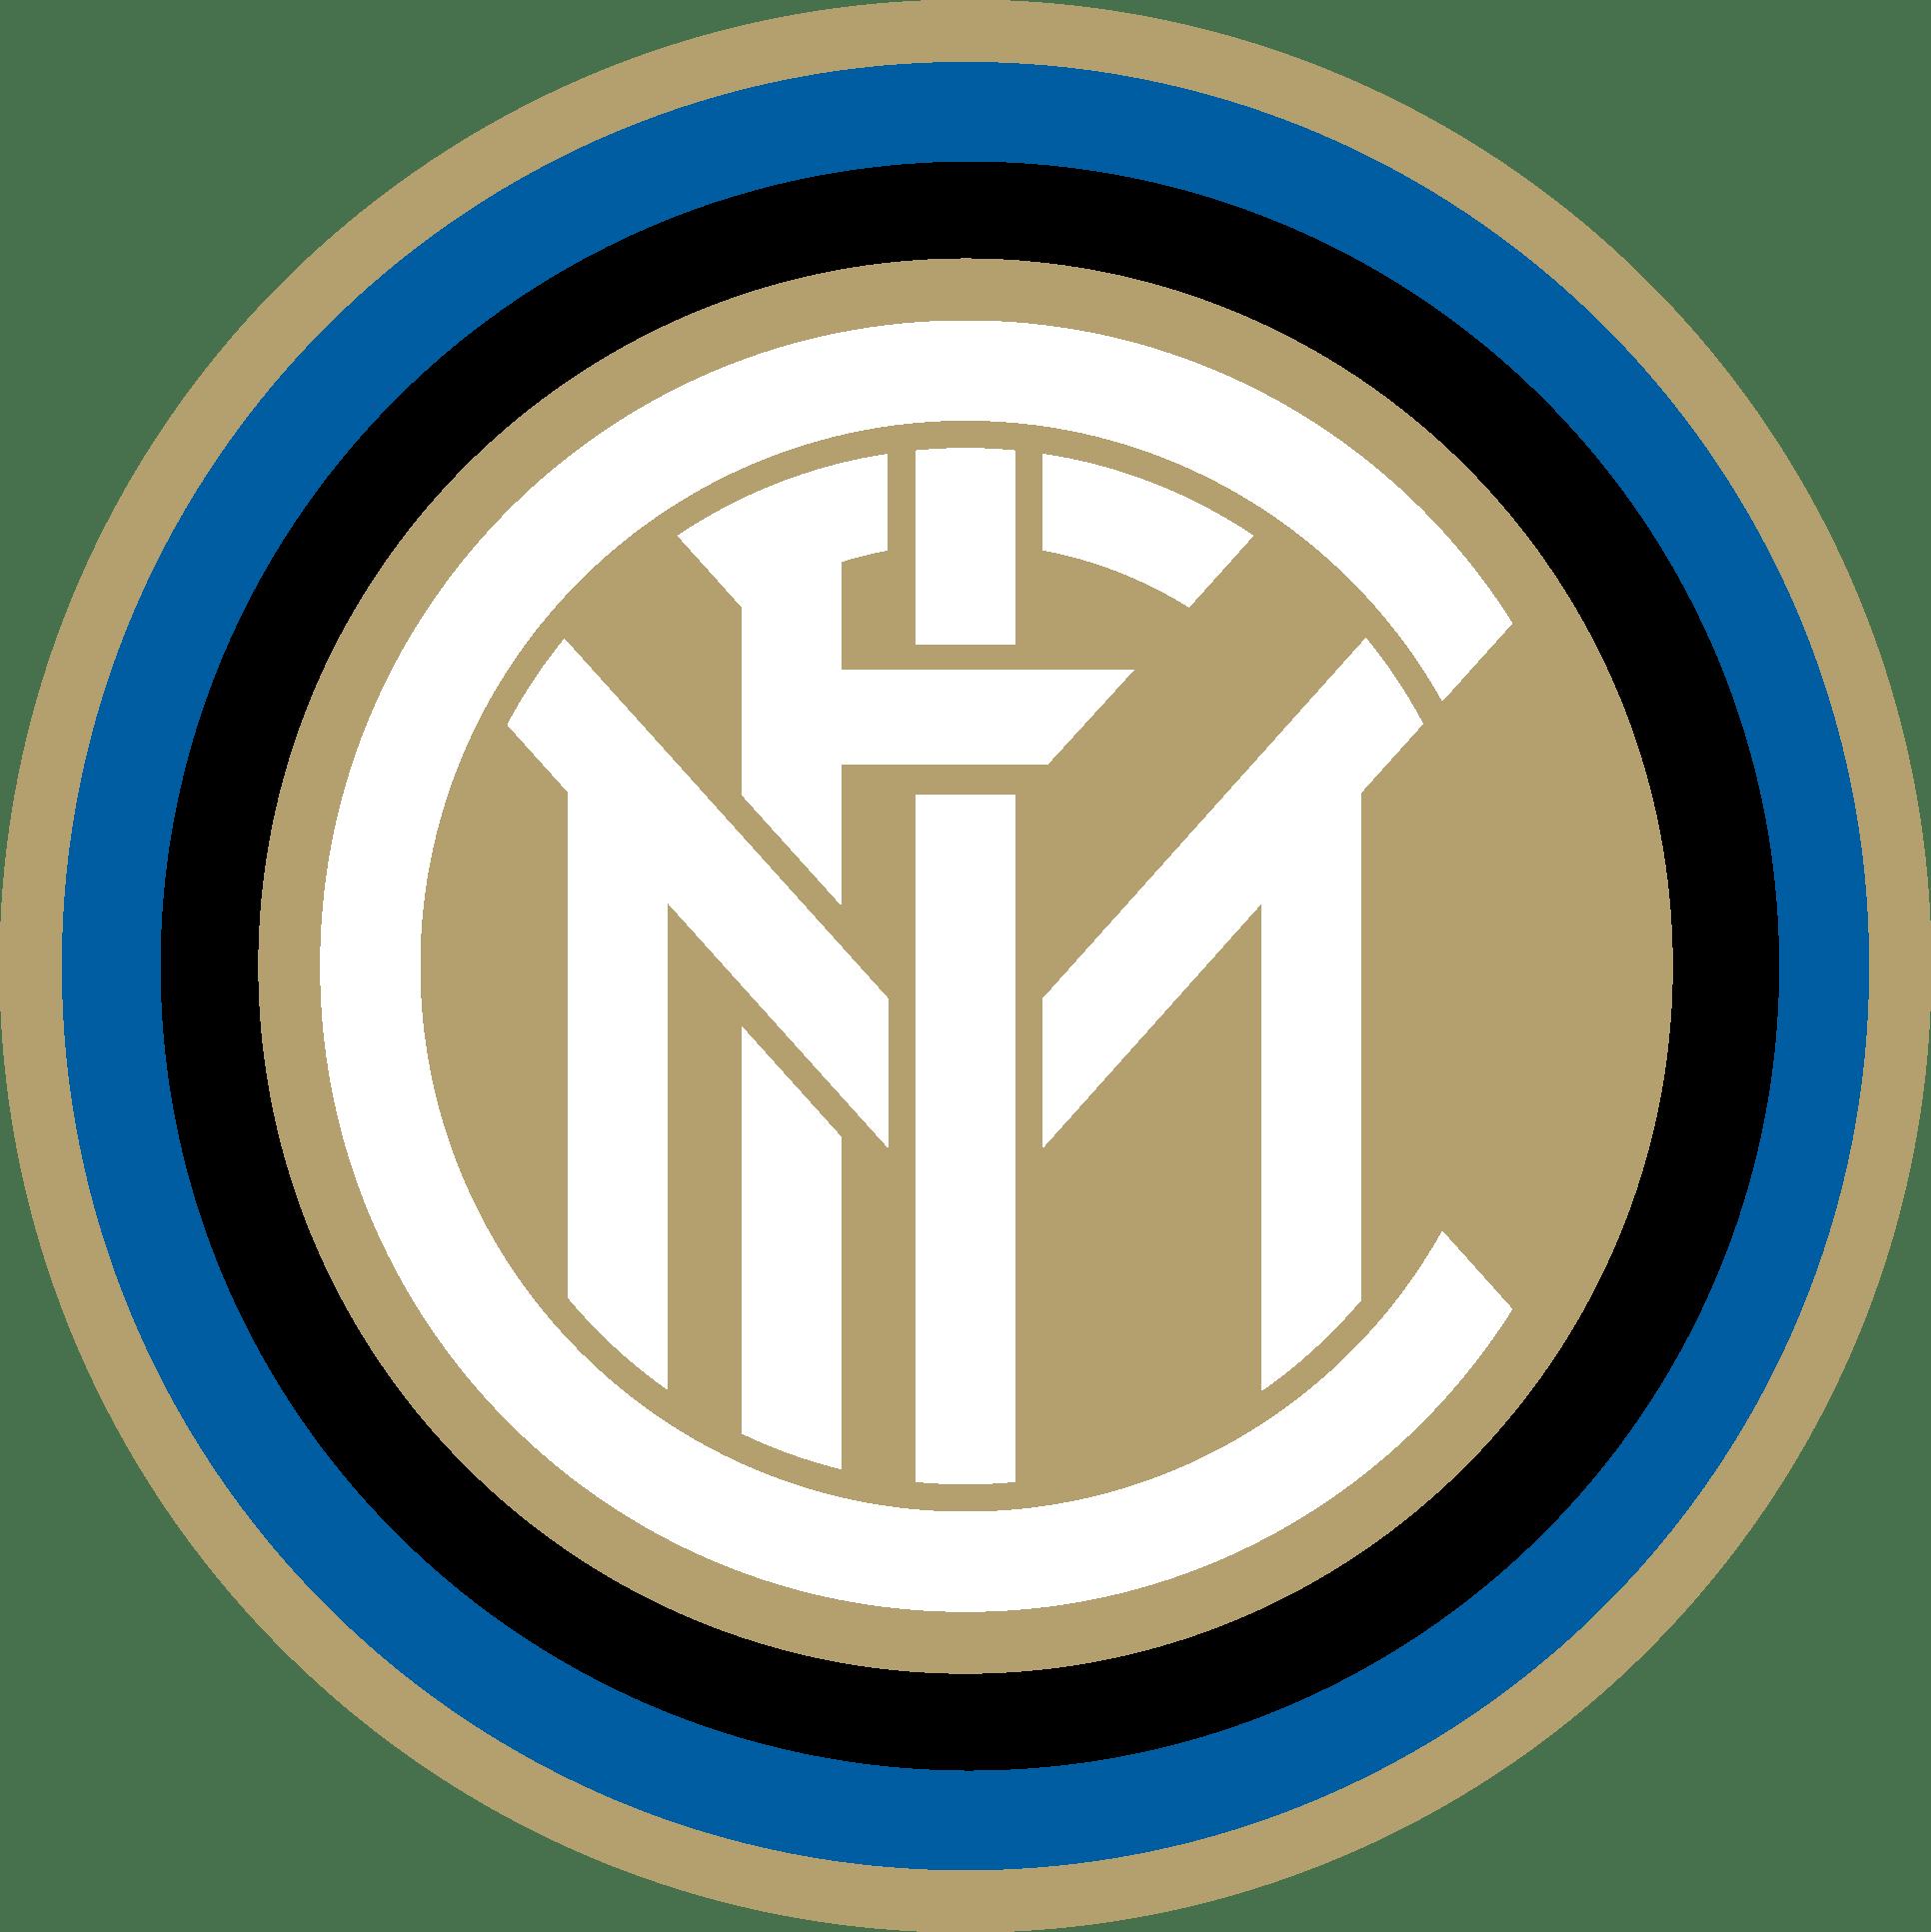 Inter Logo F C Internazionale Milano Inter Milan Inter Milan Logo Milan